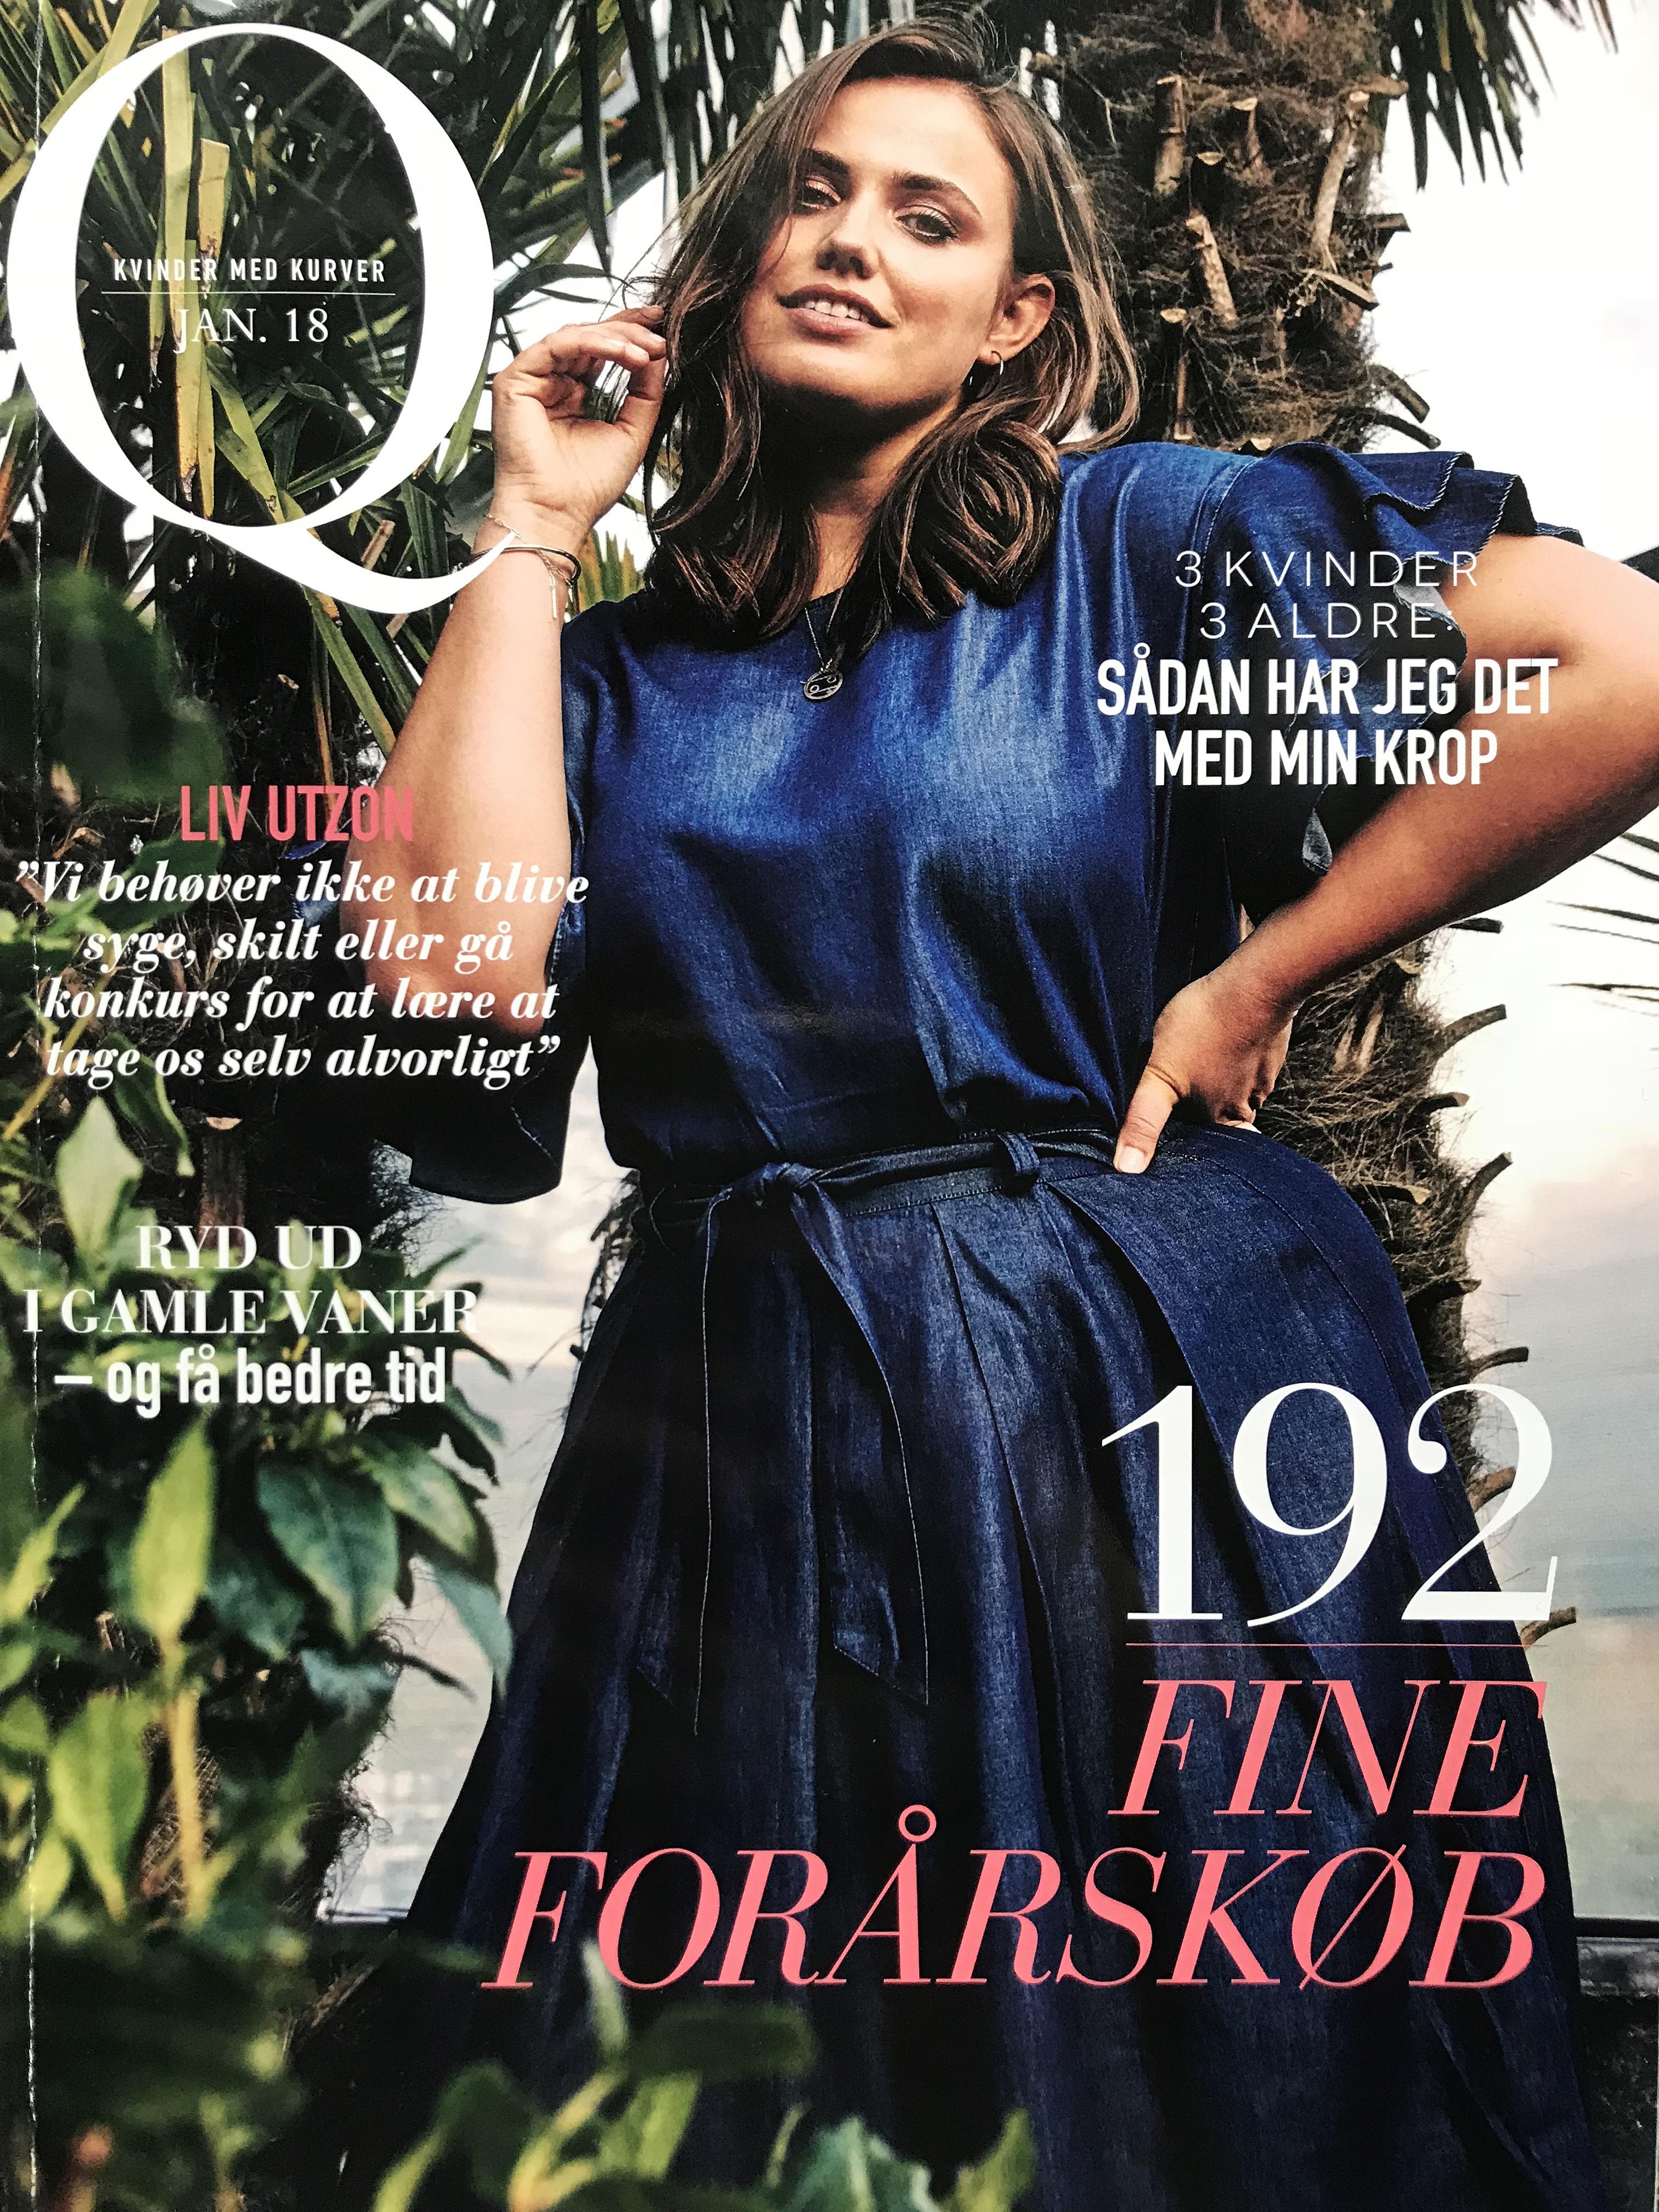 forside af Q magasin januar 2018